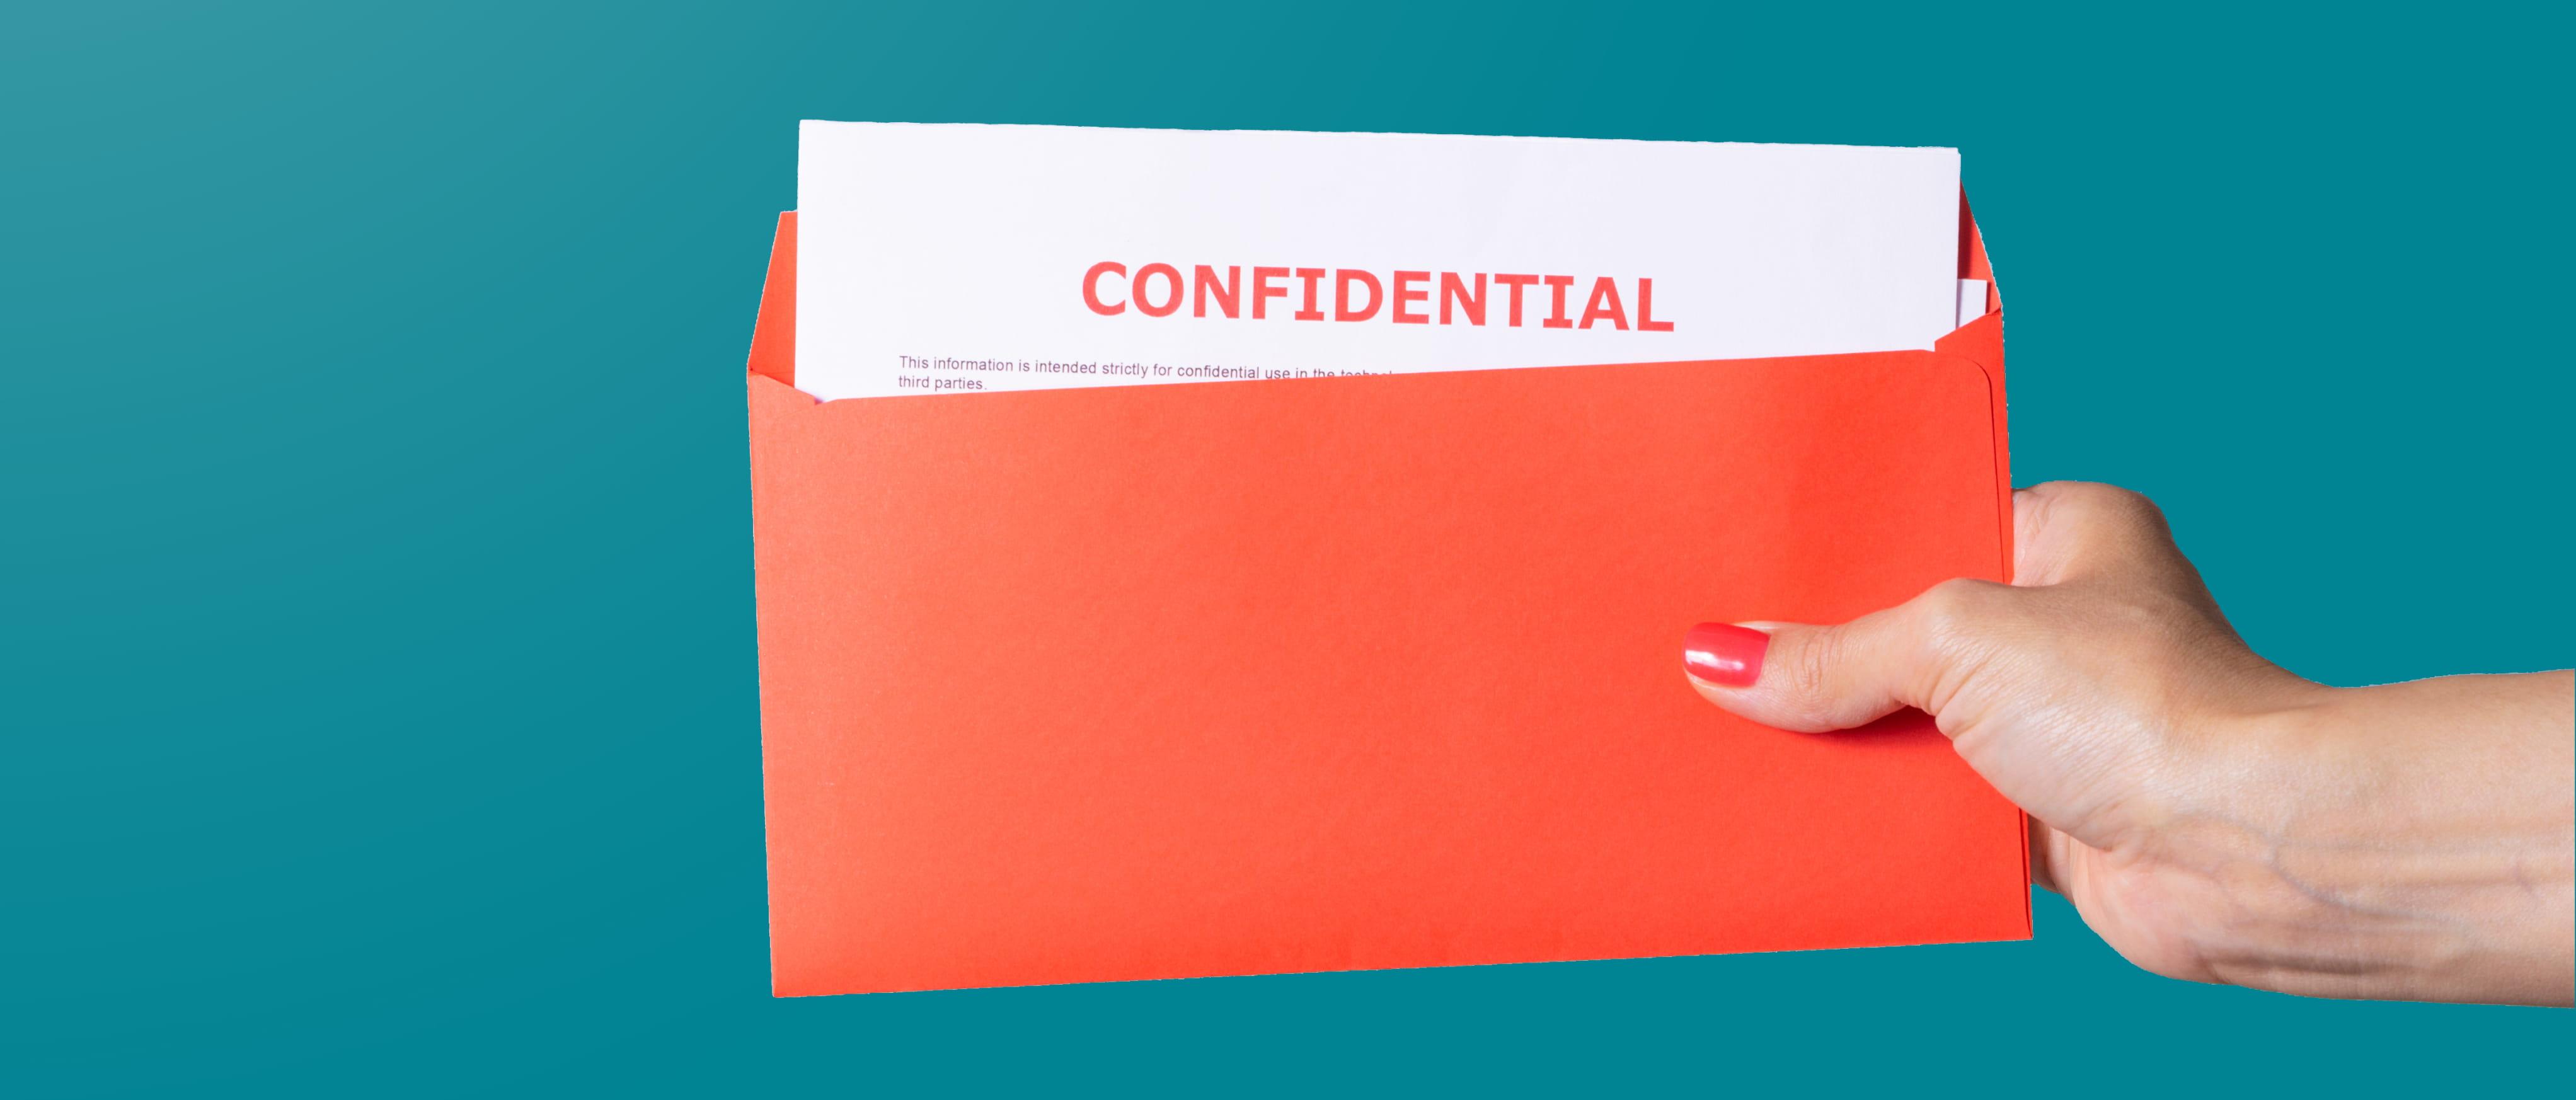 En hånd holder en korallfarget konvolutt med hvite dokumenter inni med ordene konfidensielle skrevet i rødt, alt mot en solid blågrønn bakgrunn